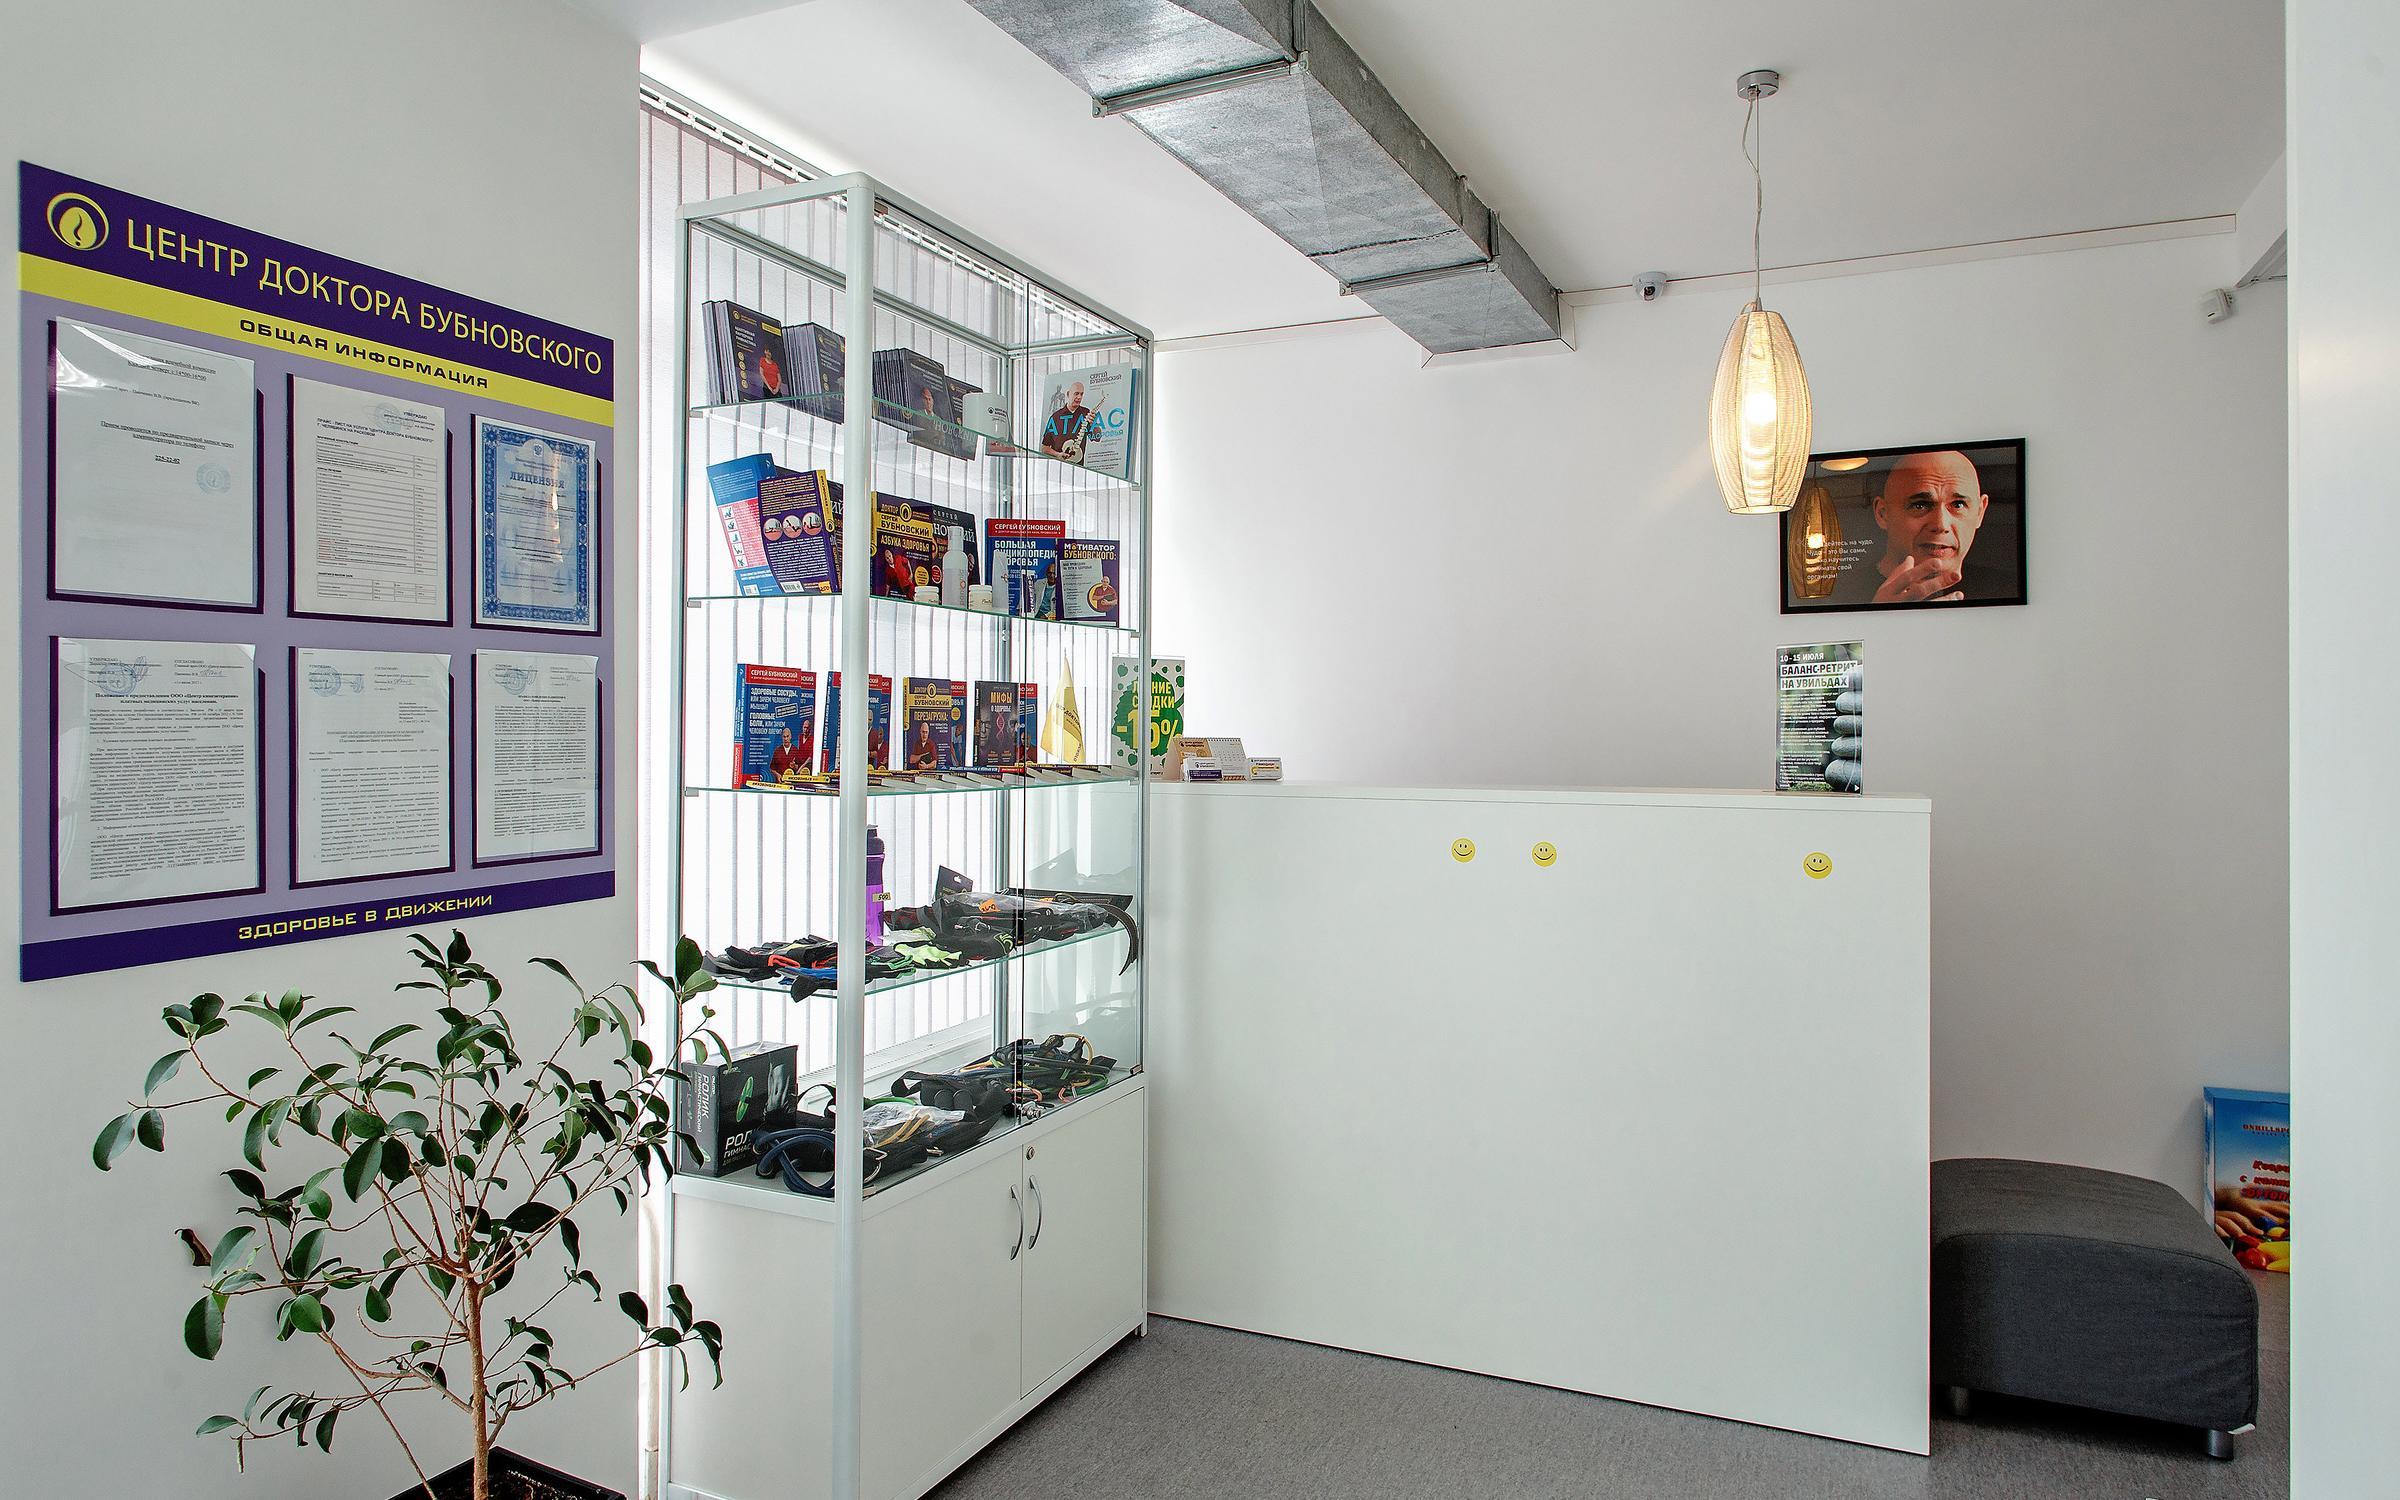 фотография Центра доктора Бубновского на улице Расковой